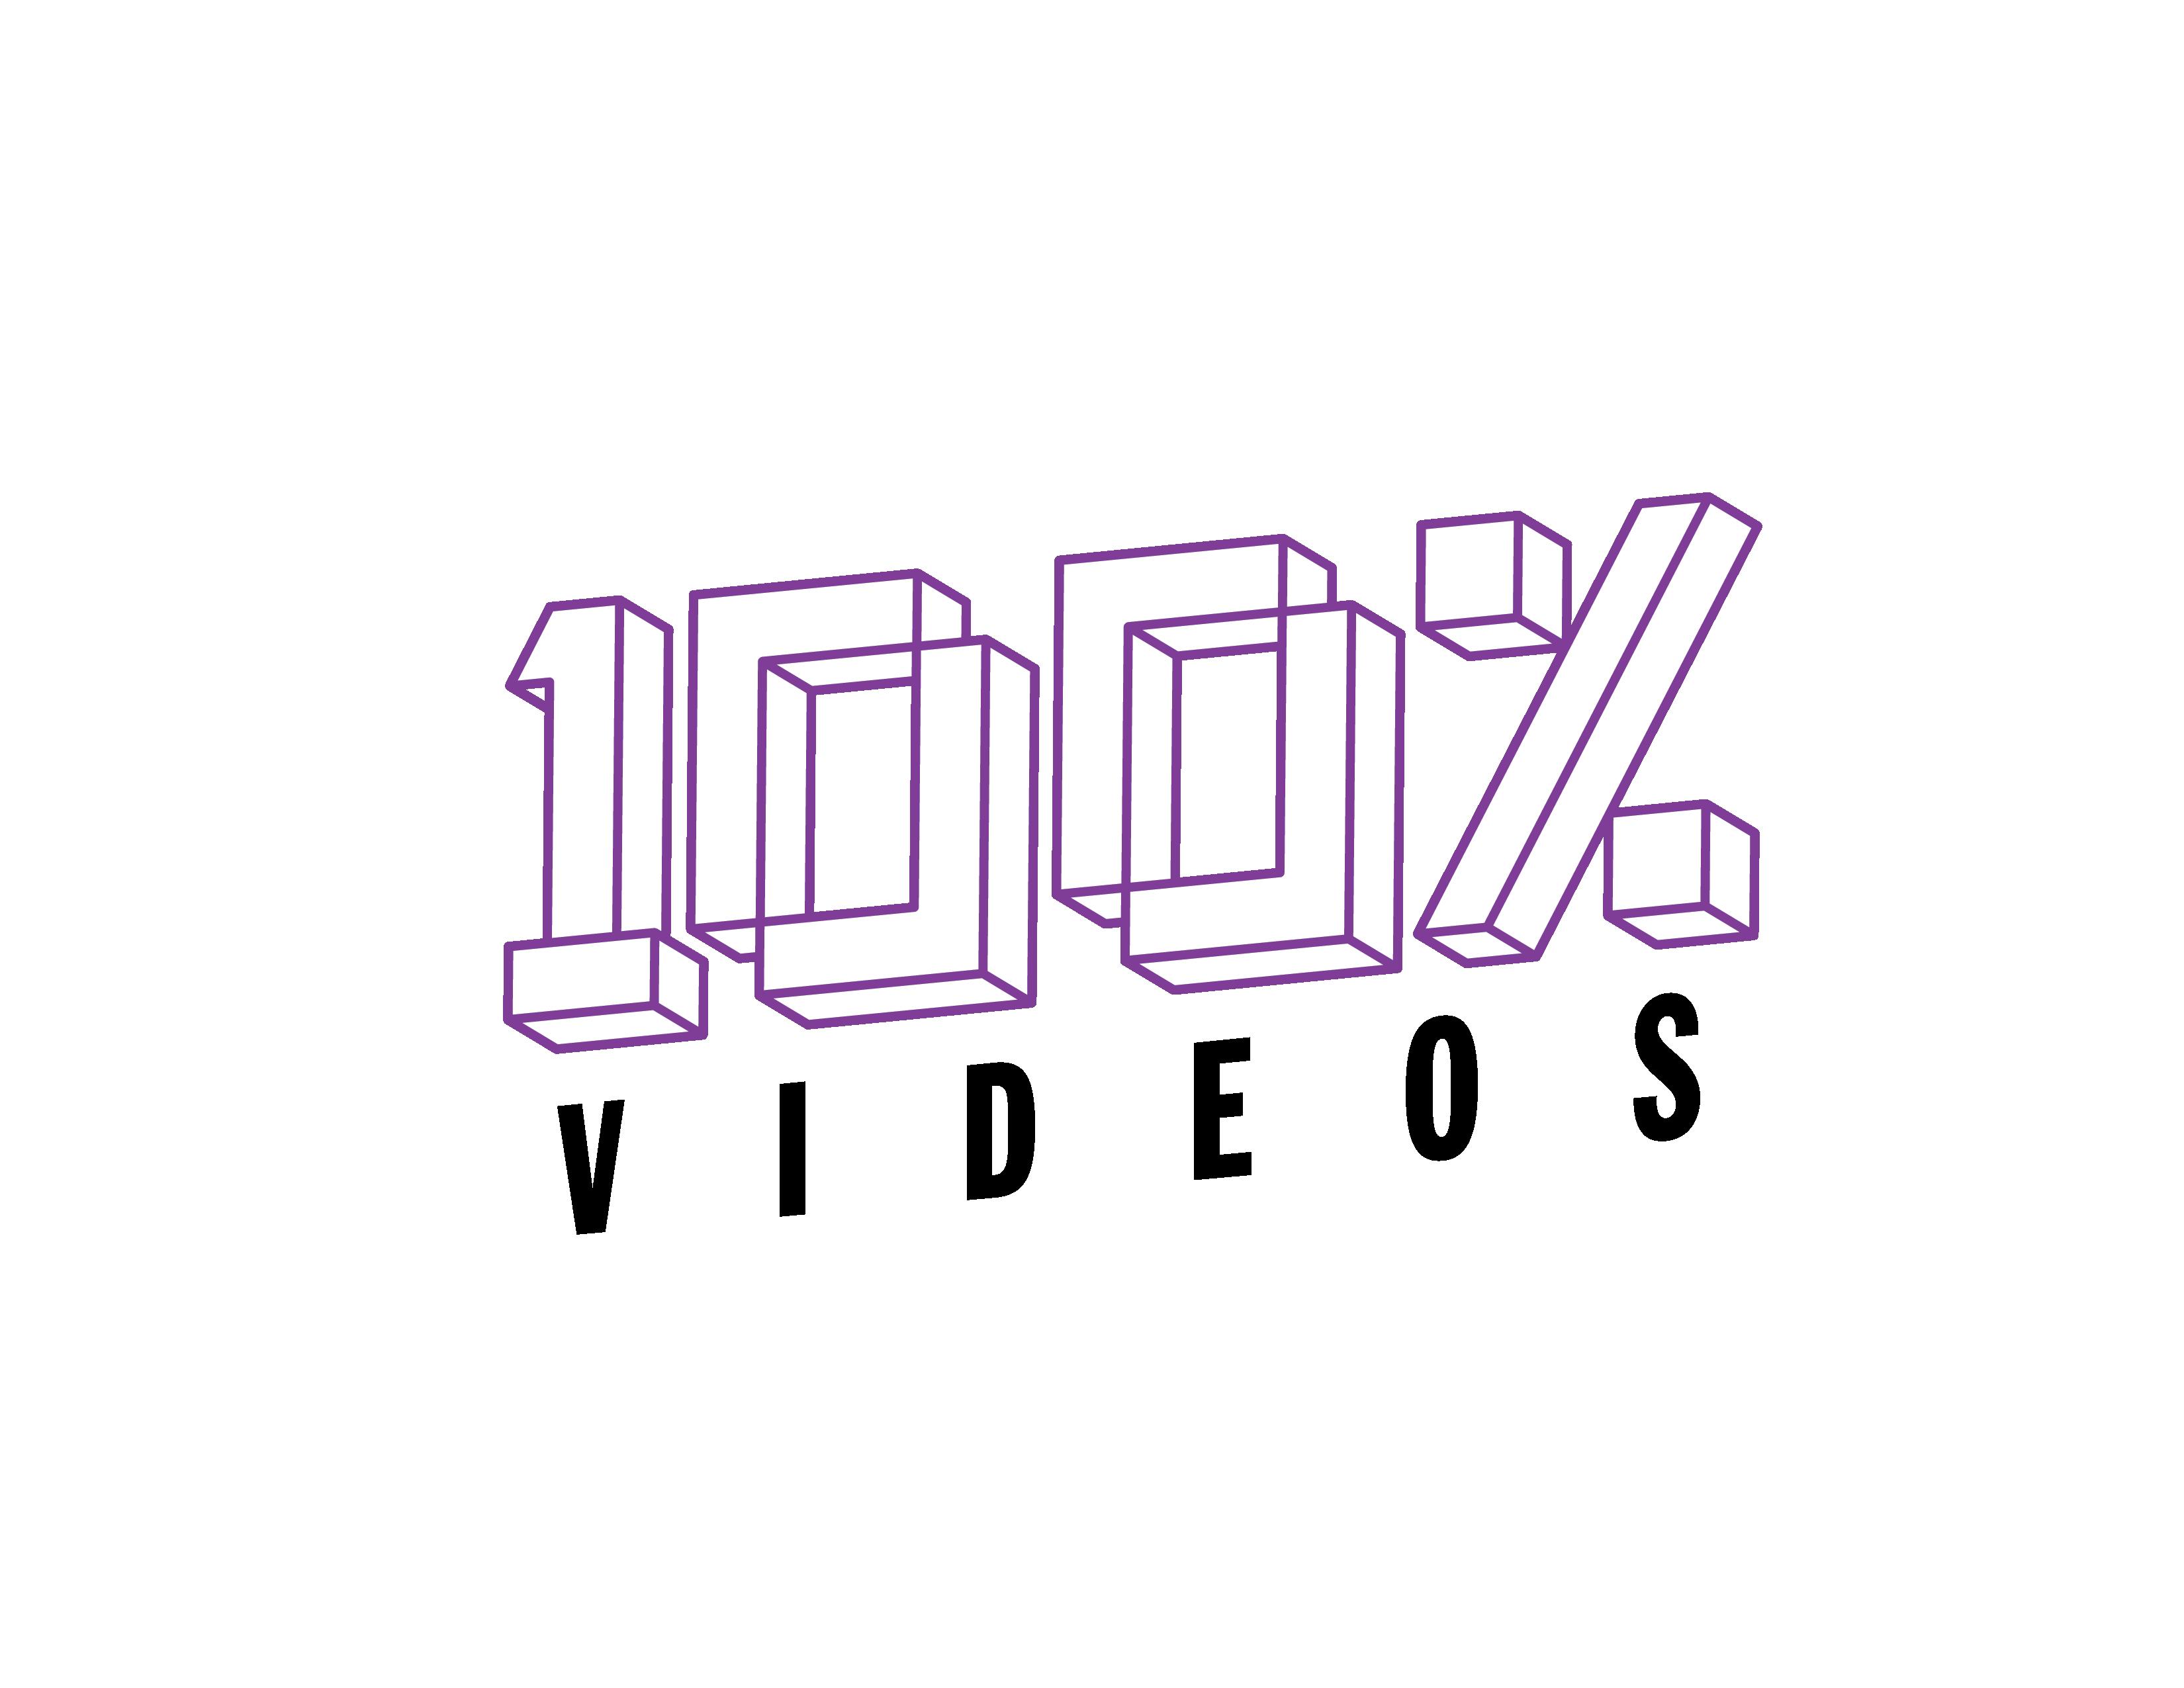 100% Videos